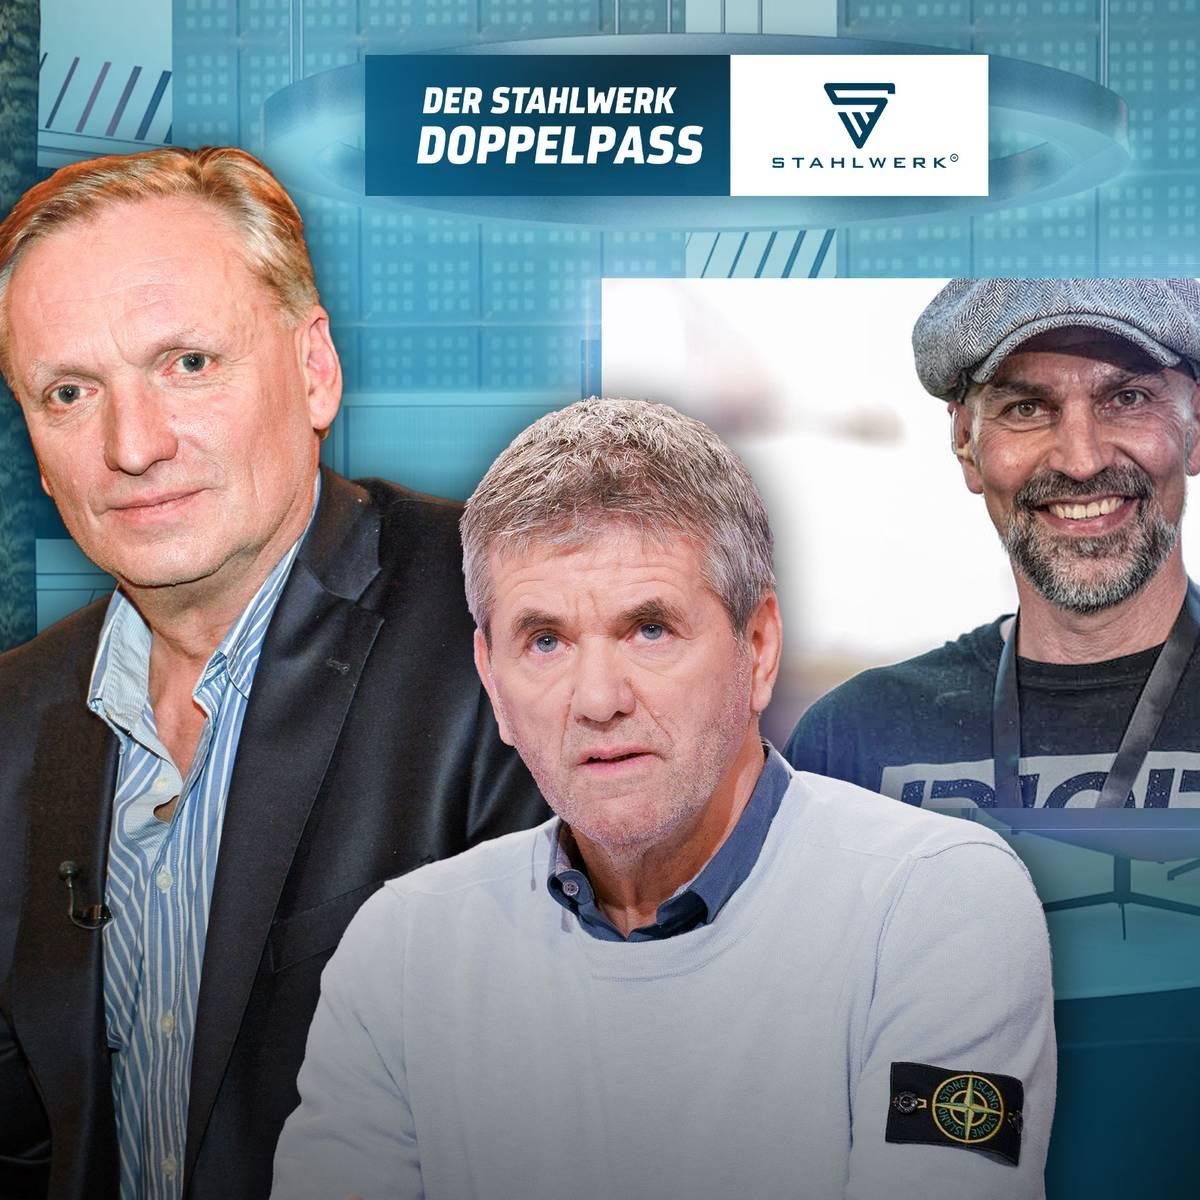 Sendung verpasst? Der STAHLWERK Doppelpass mit Felix Magath vom 24.10